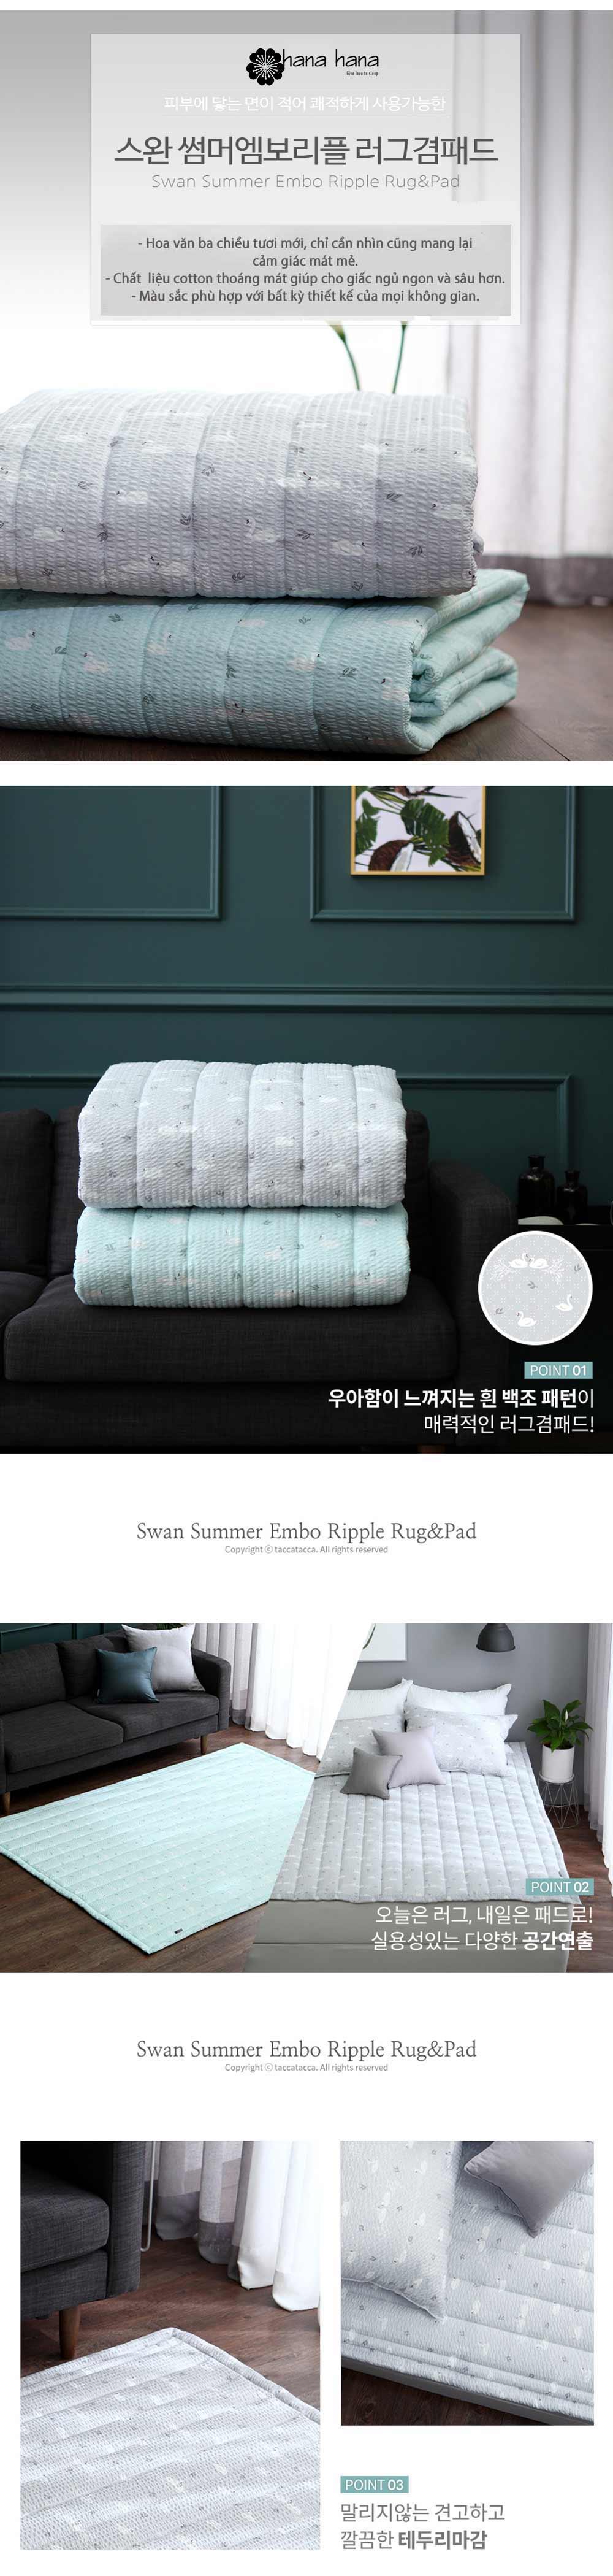 Tấm trải sàn ngủ đa năng cao cấp Swan Summer Embo RippIe